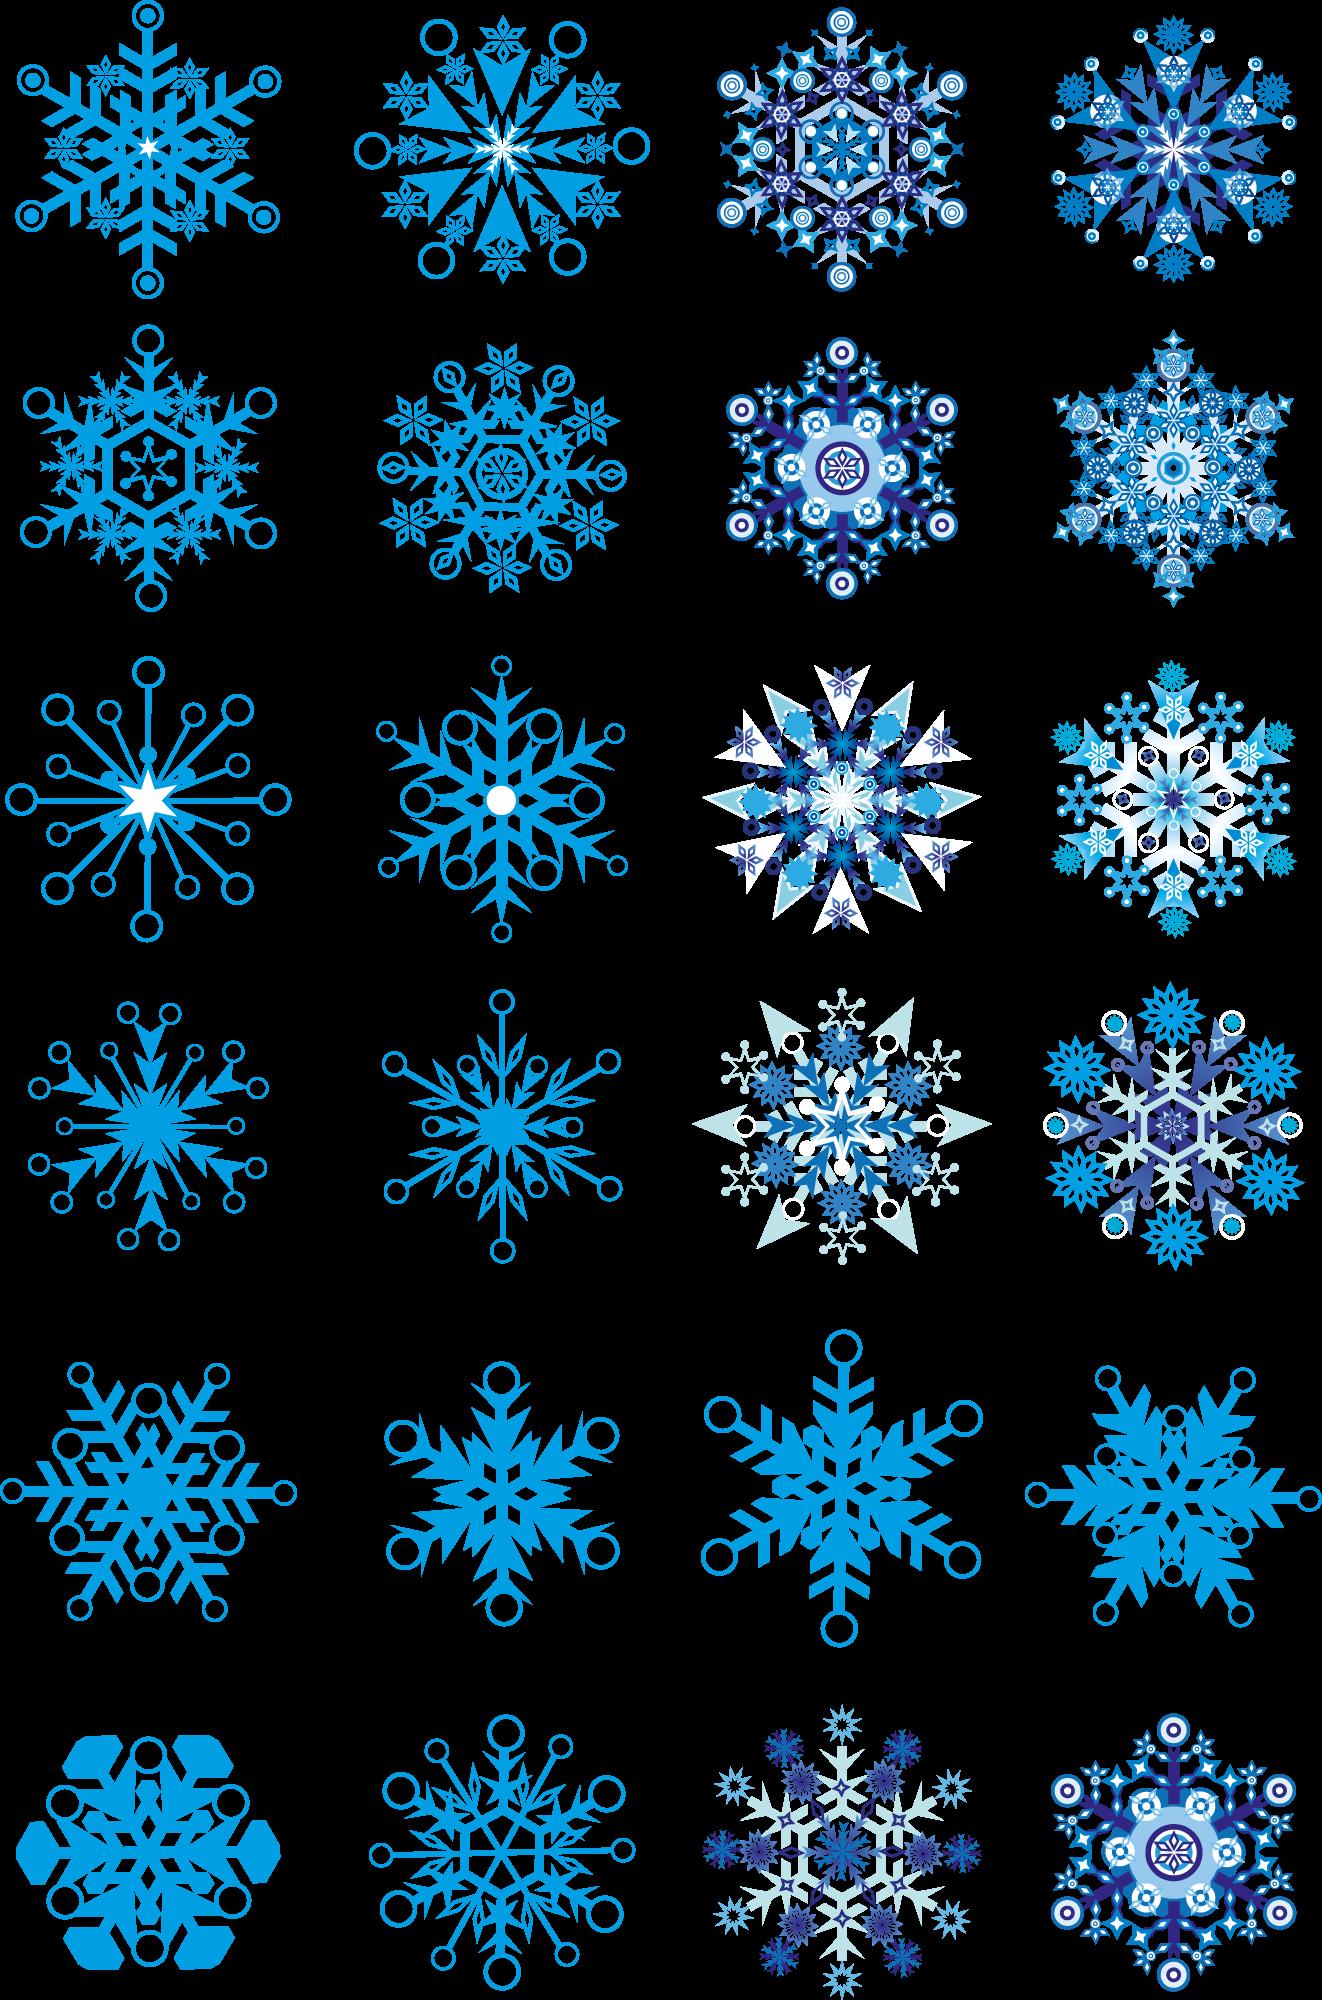 Векторное изображение снежинок разных форм